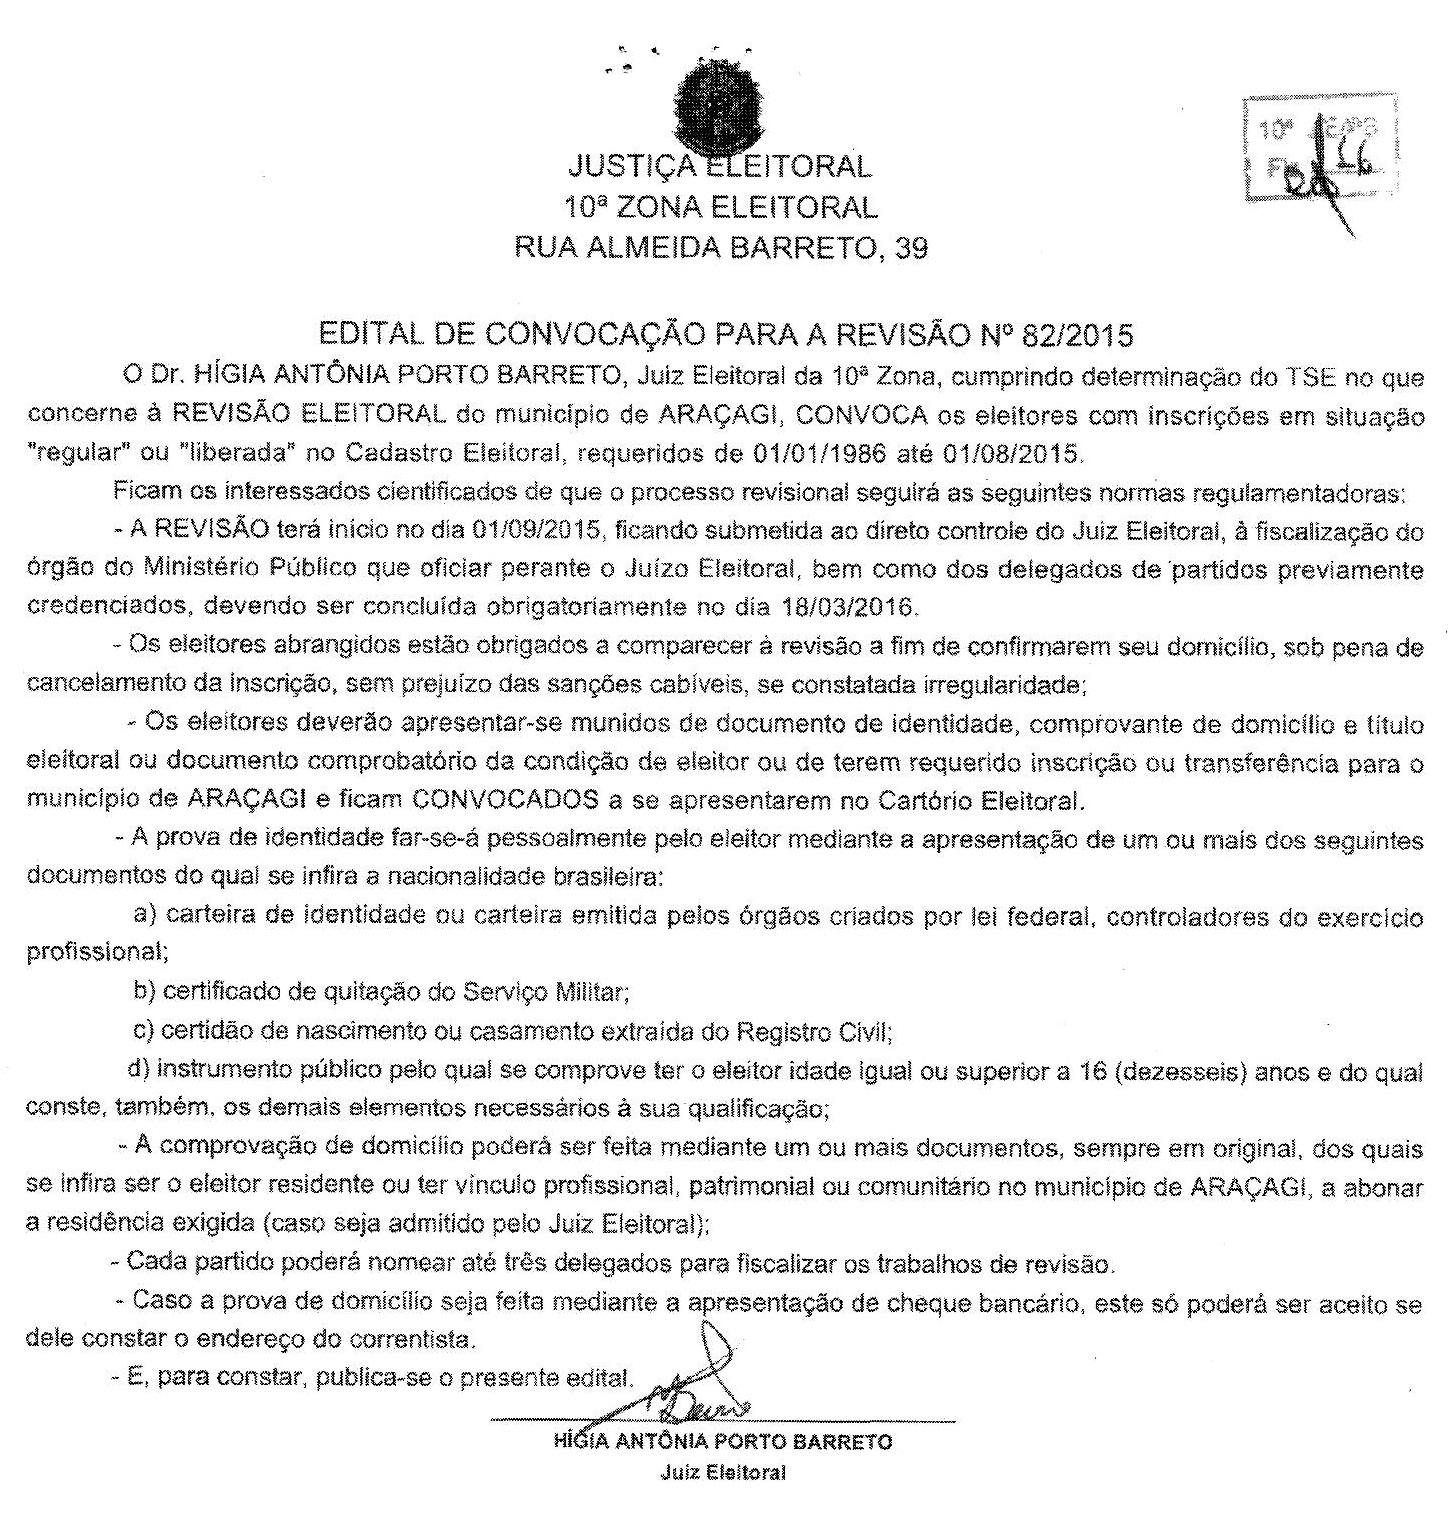 oficio_10zona_eleitoral_21.09.2015_Aracagi_ok